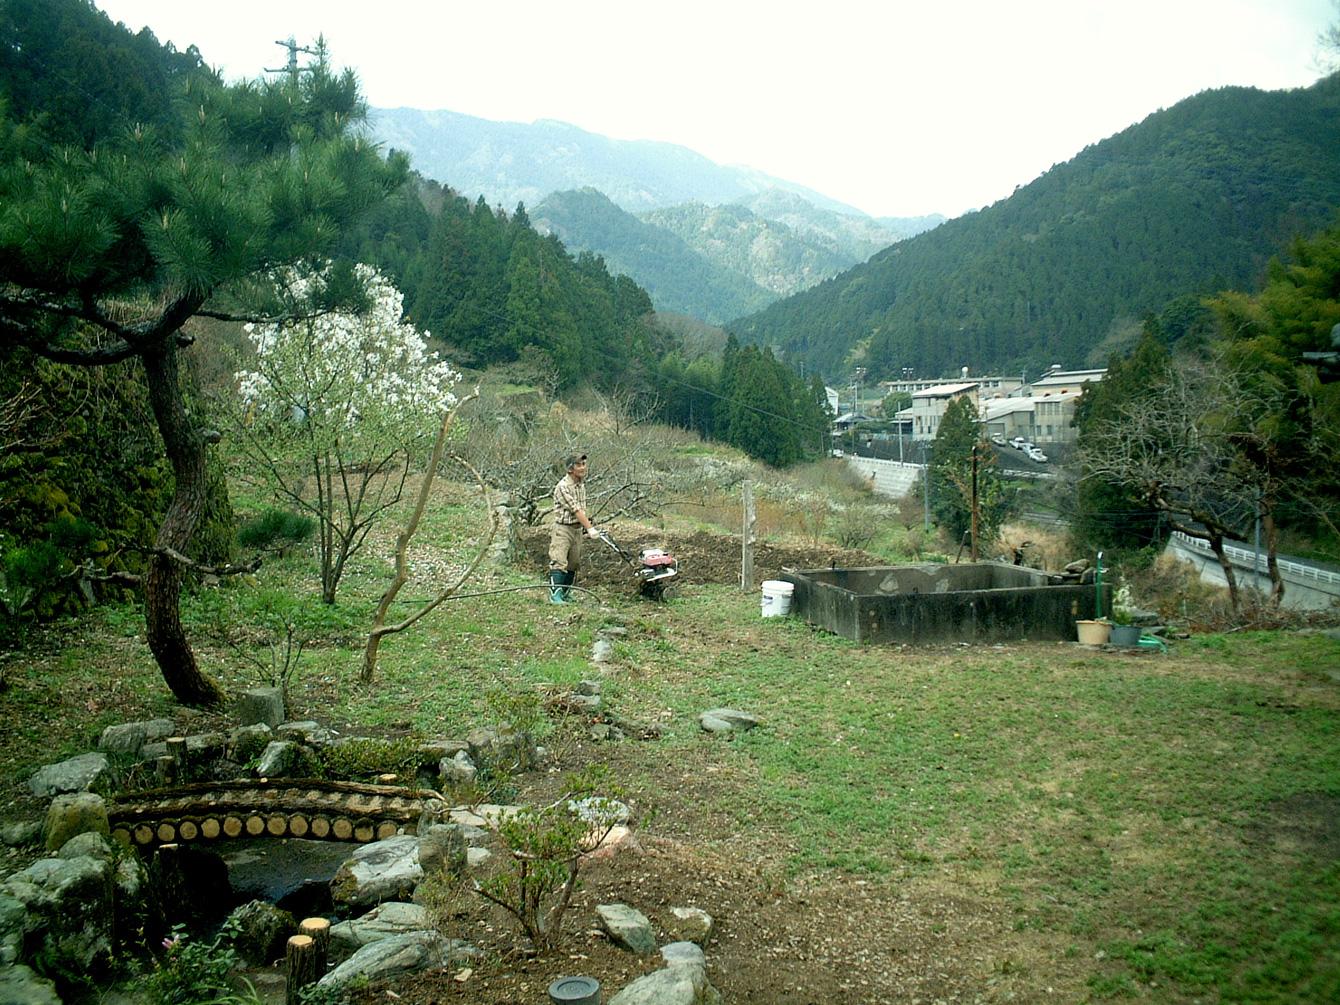 当時の様子。雑草が刈り取られた状態で、この後に苗木や花が植えられた。